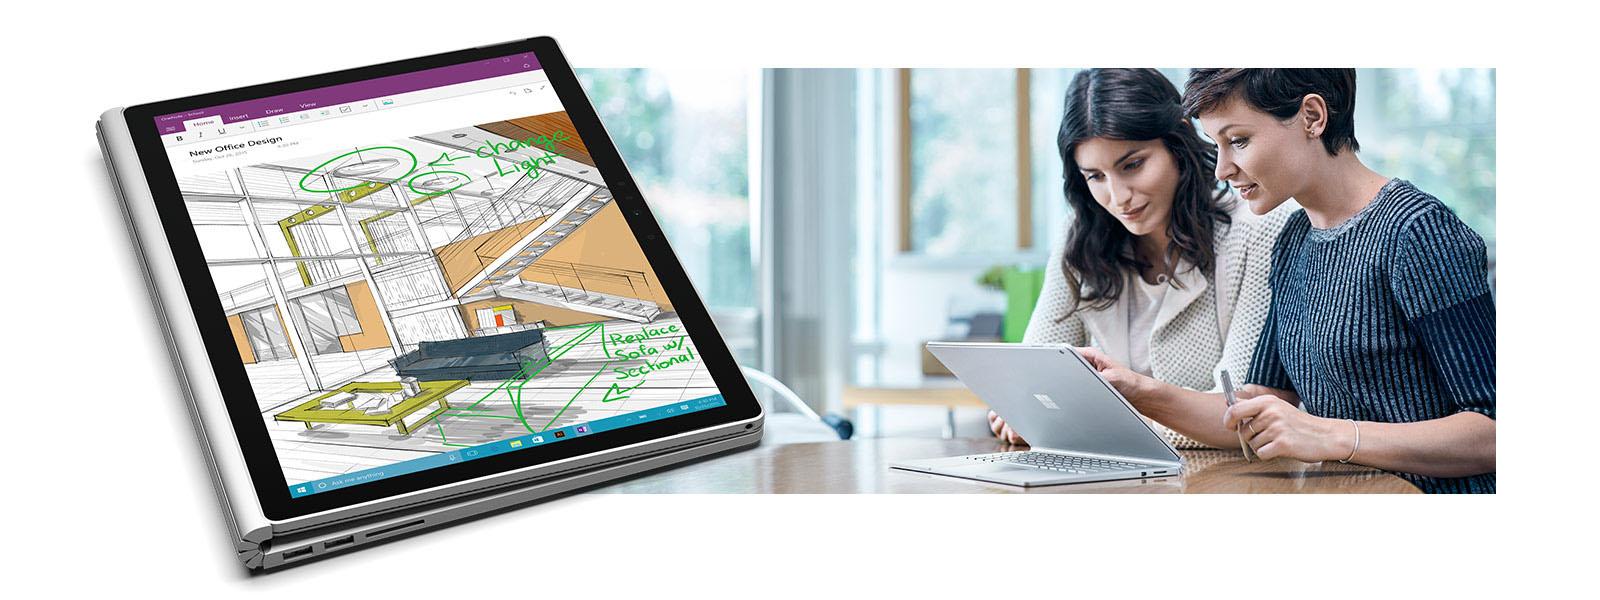 Surface Book i7 : la portabilité est sa grande force